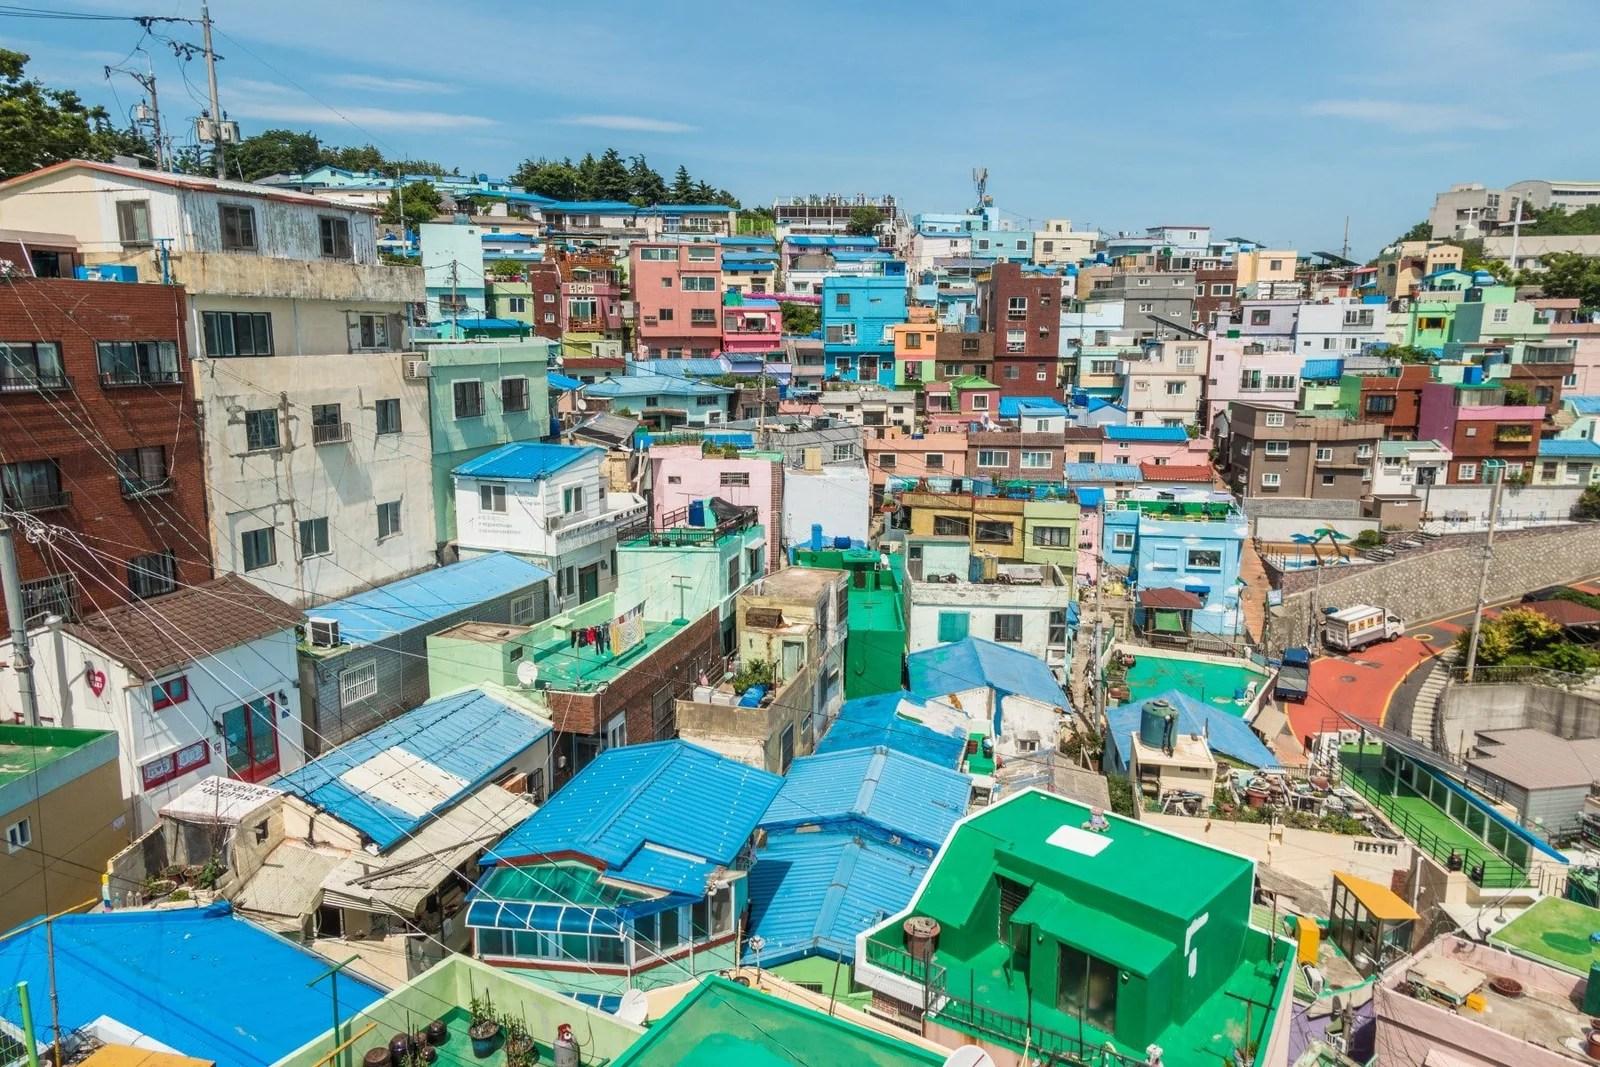 cover busan jour 2 - gamcheon culture village - coree du sud